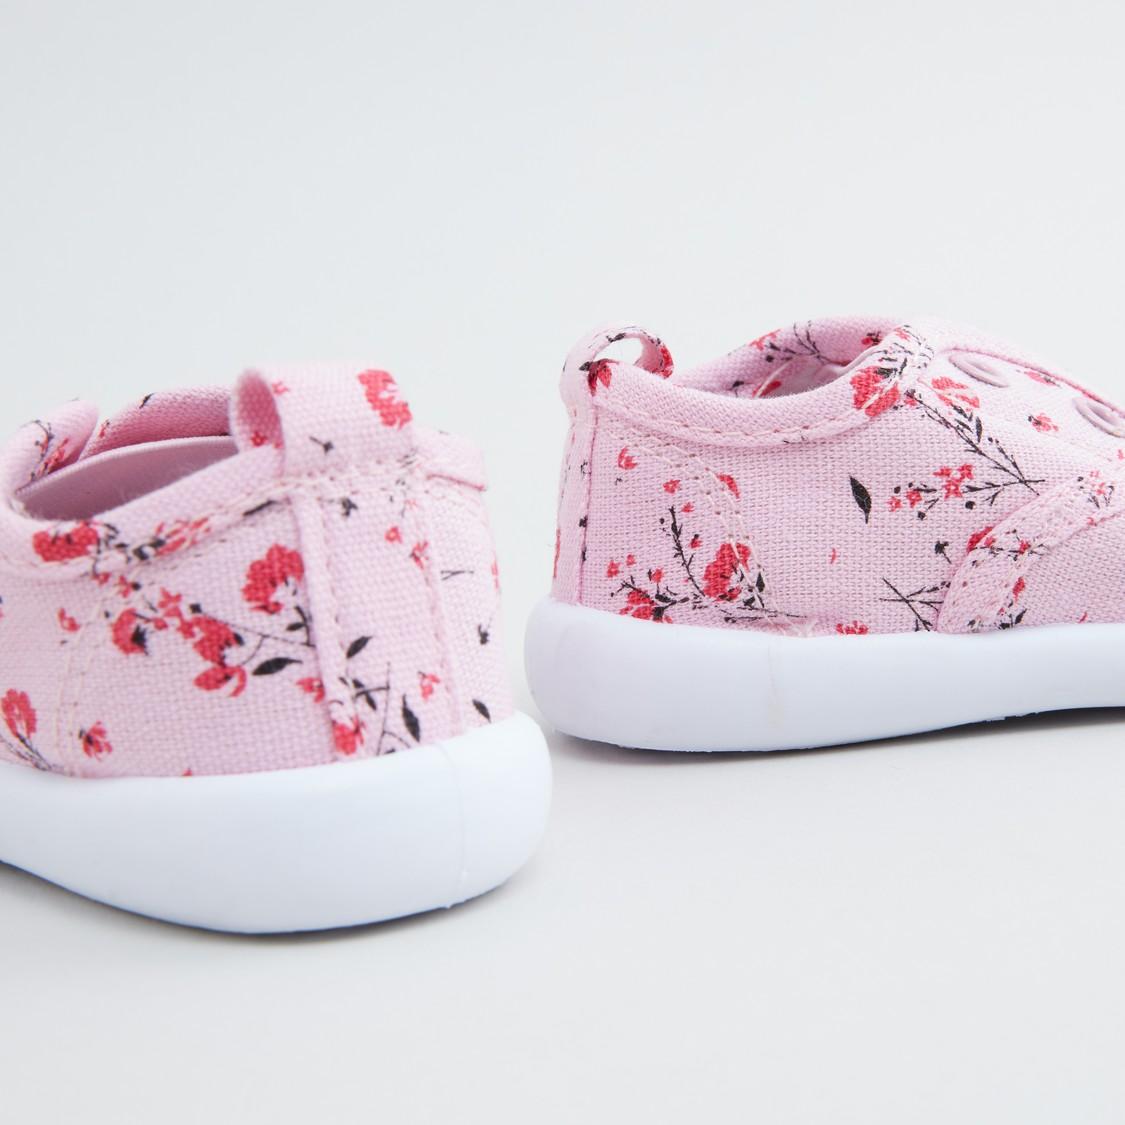 حذاء سهل الارتداء بطبعات أزهار